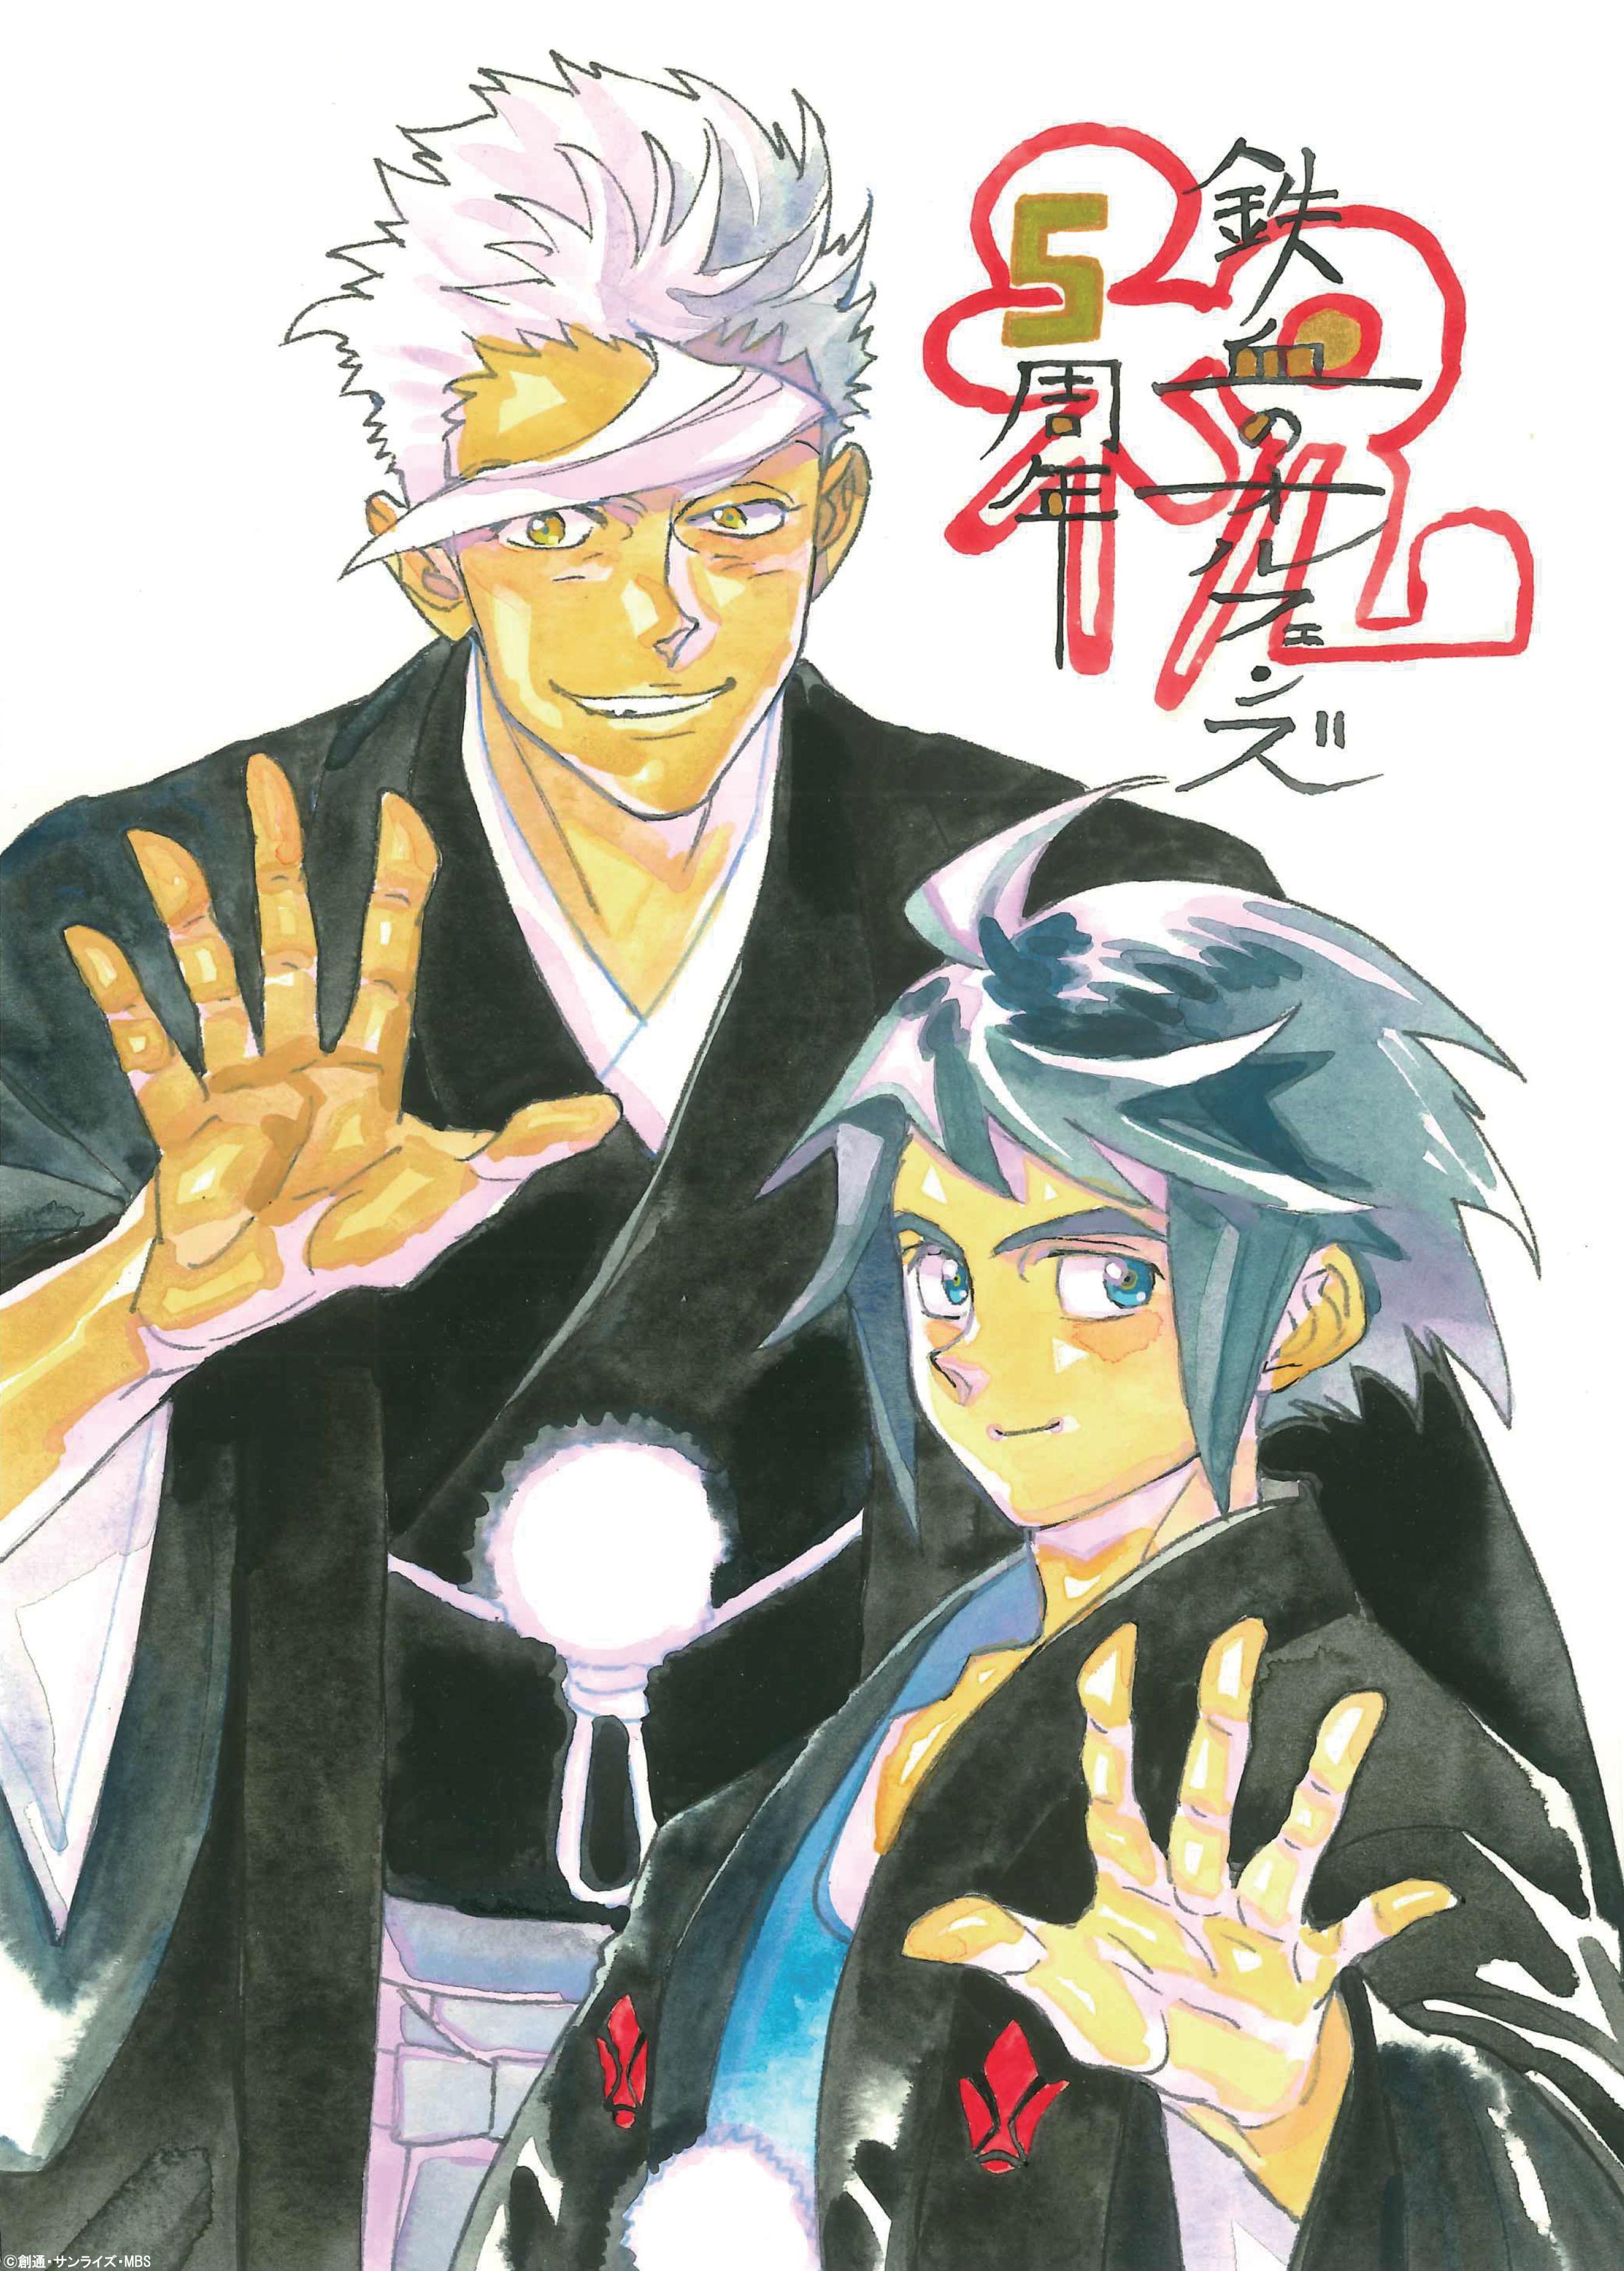 キャラクターデザイン原案・伊藤悠さんによる新規描き下ろし5周年記念イラスト (C)創通・サンライズ・MBS